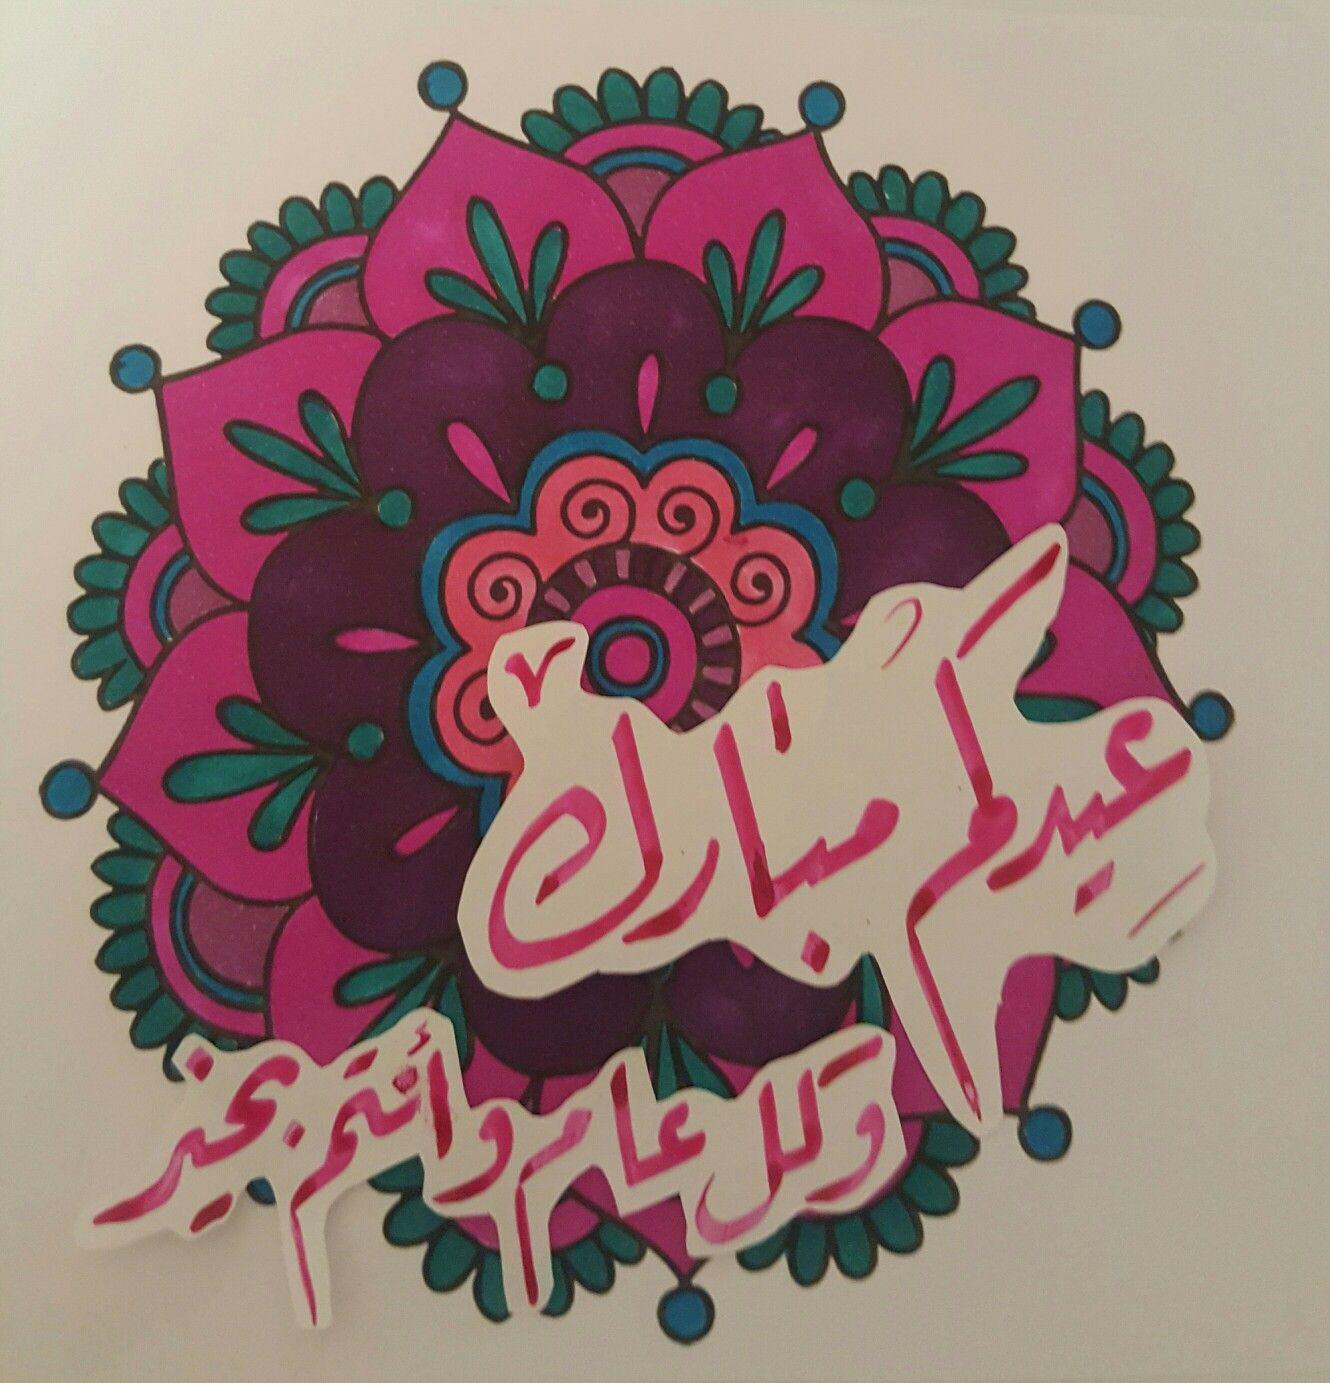 عيدكم مبارك كل عام وانتم بخير عيد تهنئة عيدالفطر عيدالاضحى خط خطي نقش تلوين زخرفة الوان شاربي Eid Crafts Eid Greeting Cards Eid Greetings